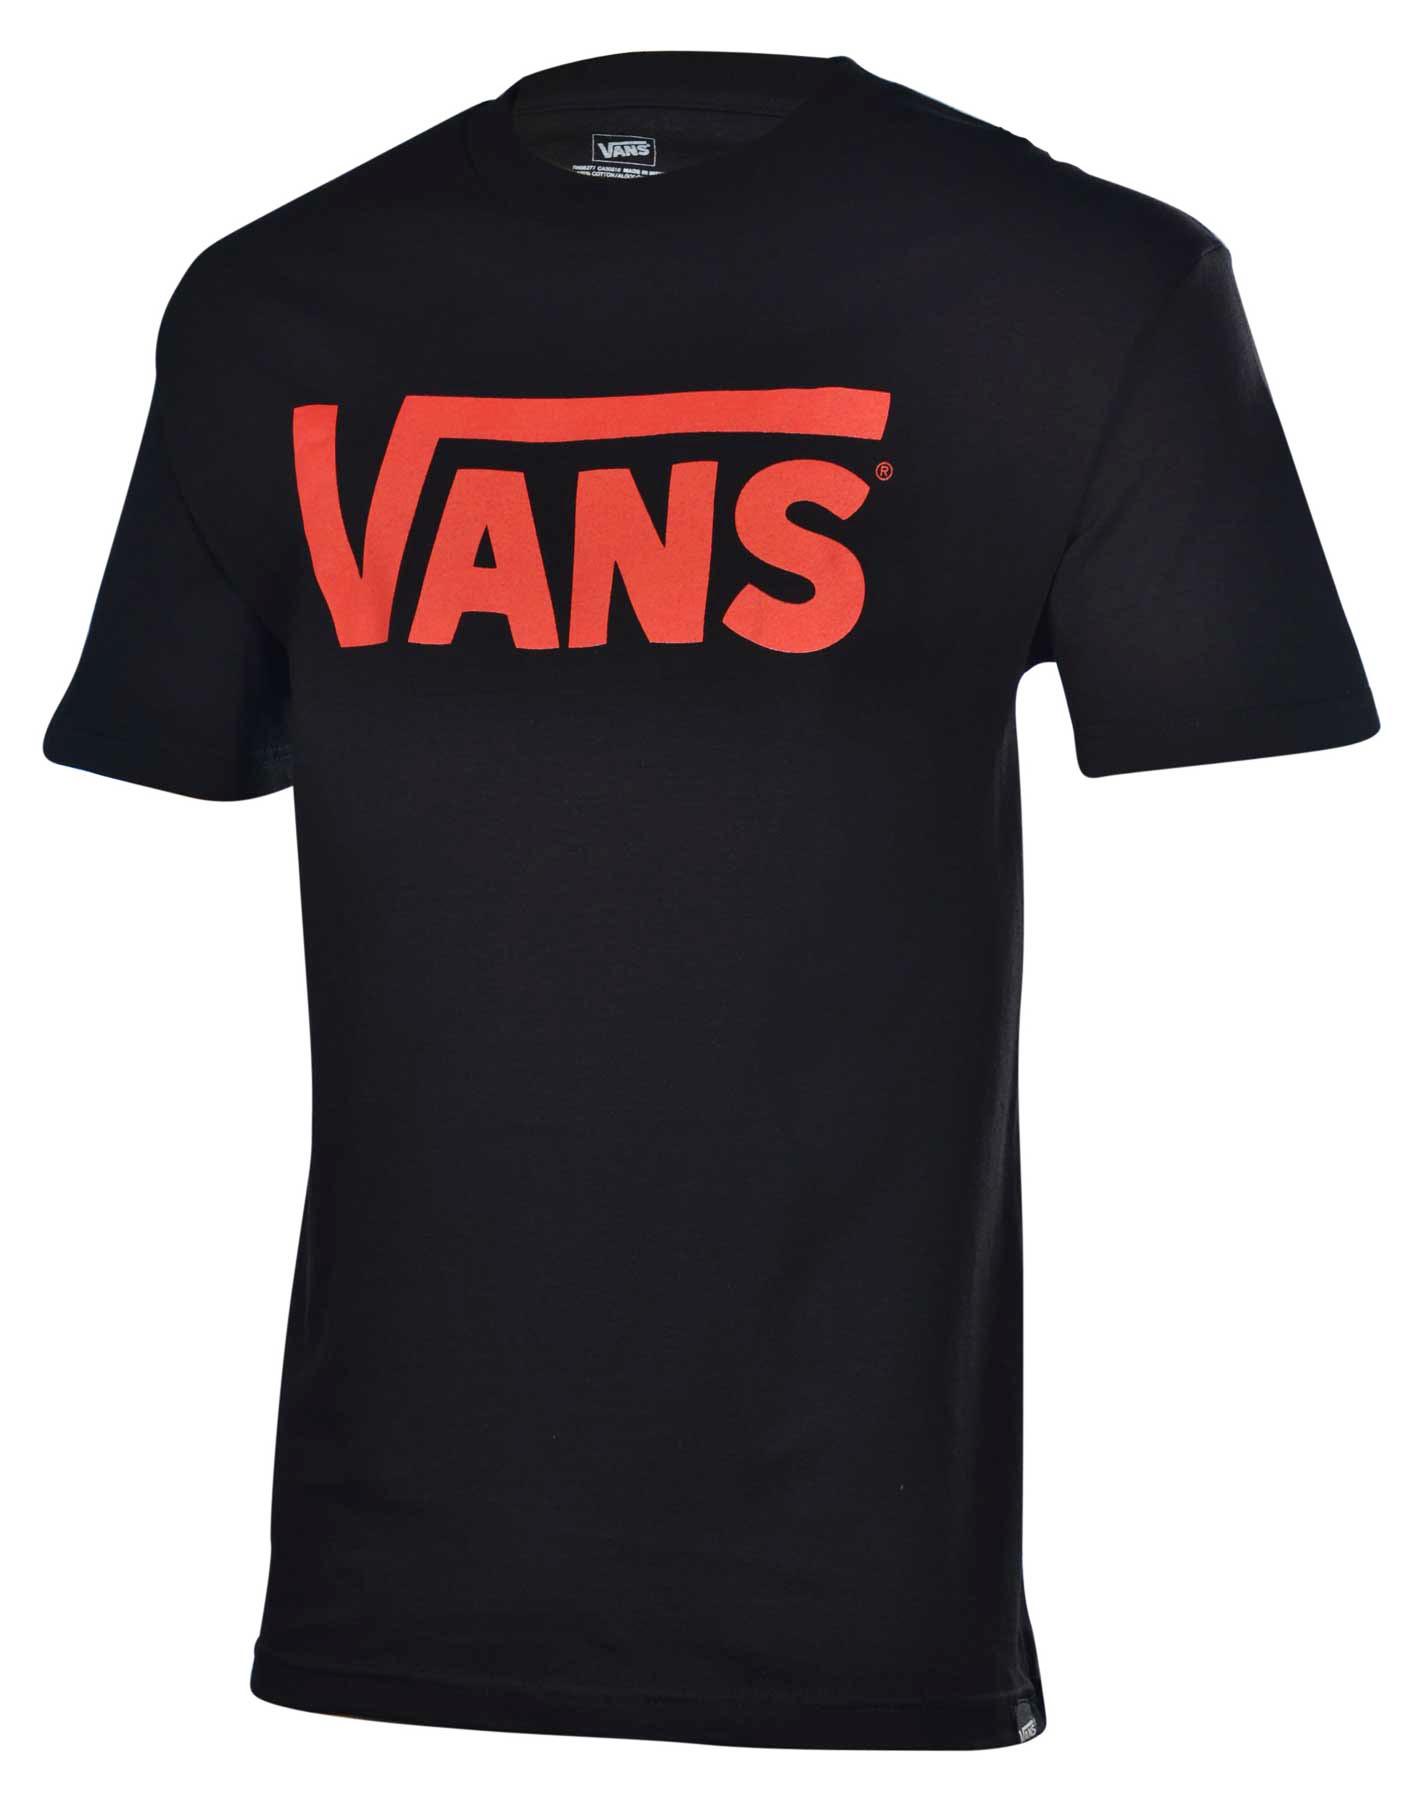 details about vans men 39 s classic logo skateboard shirt. Black Bedroom Furniture Sets. Home Design Ideas